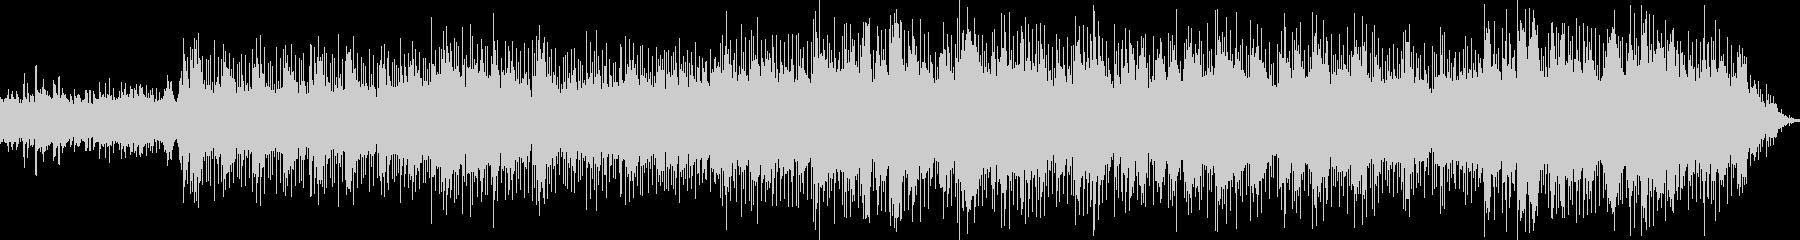 スローロック。エレクトリックピアノ...の未再生の波形